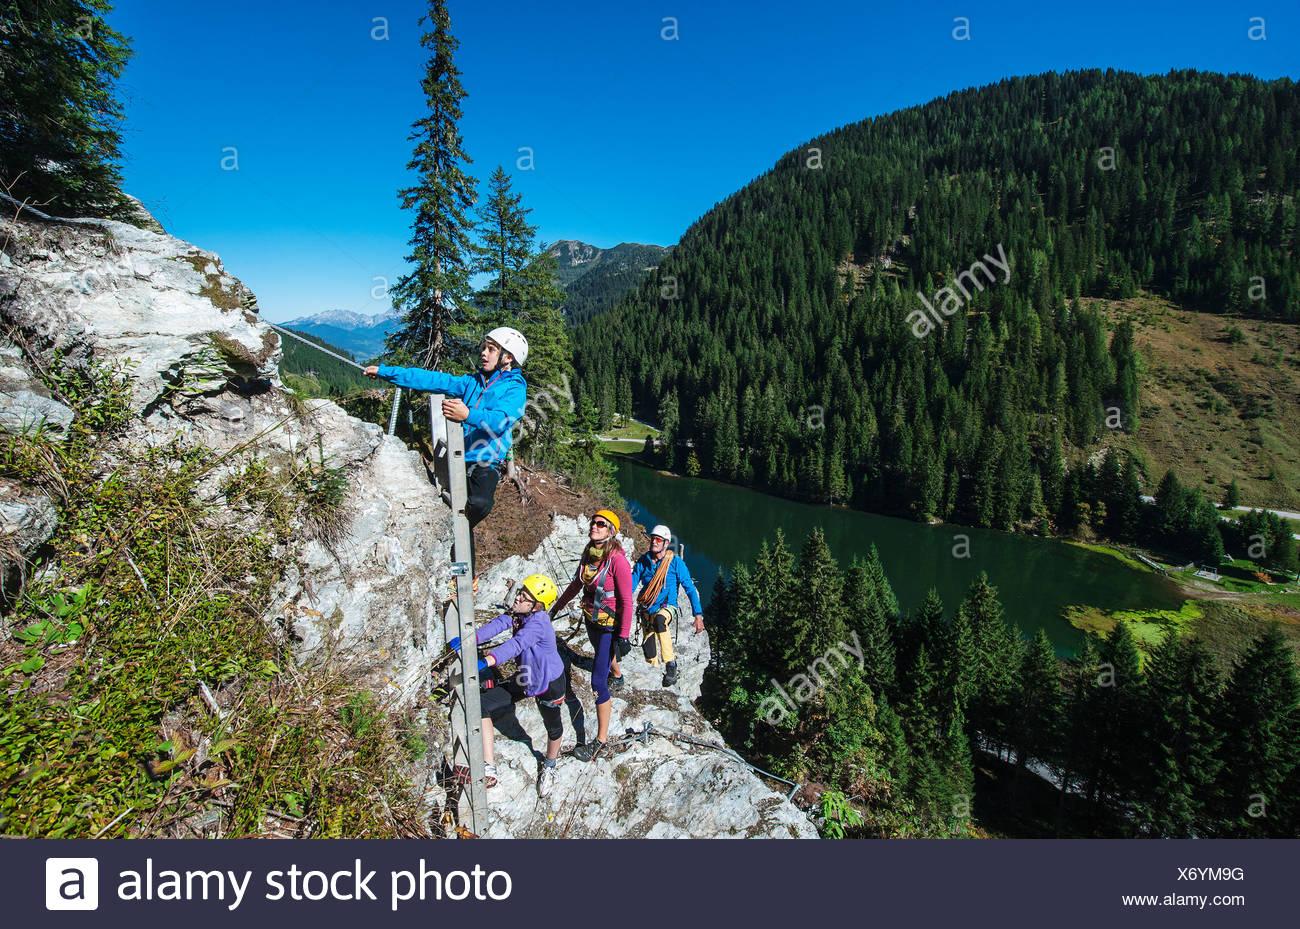 Klettersteig Zauchensee : Österreich salzburger land altenmarkt zauchensee familie am